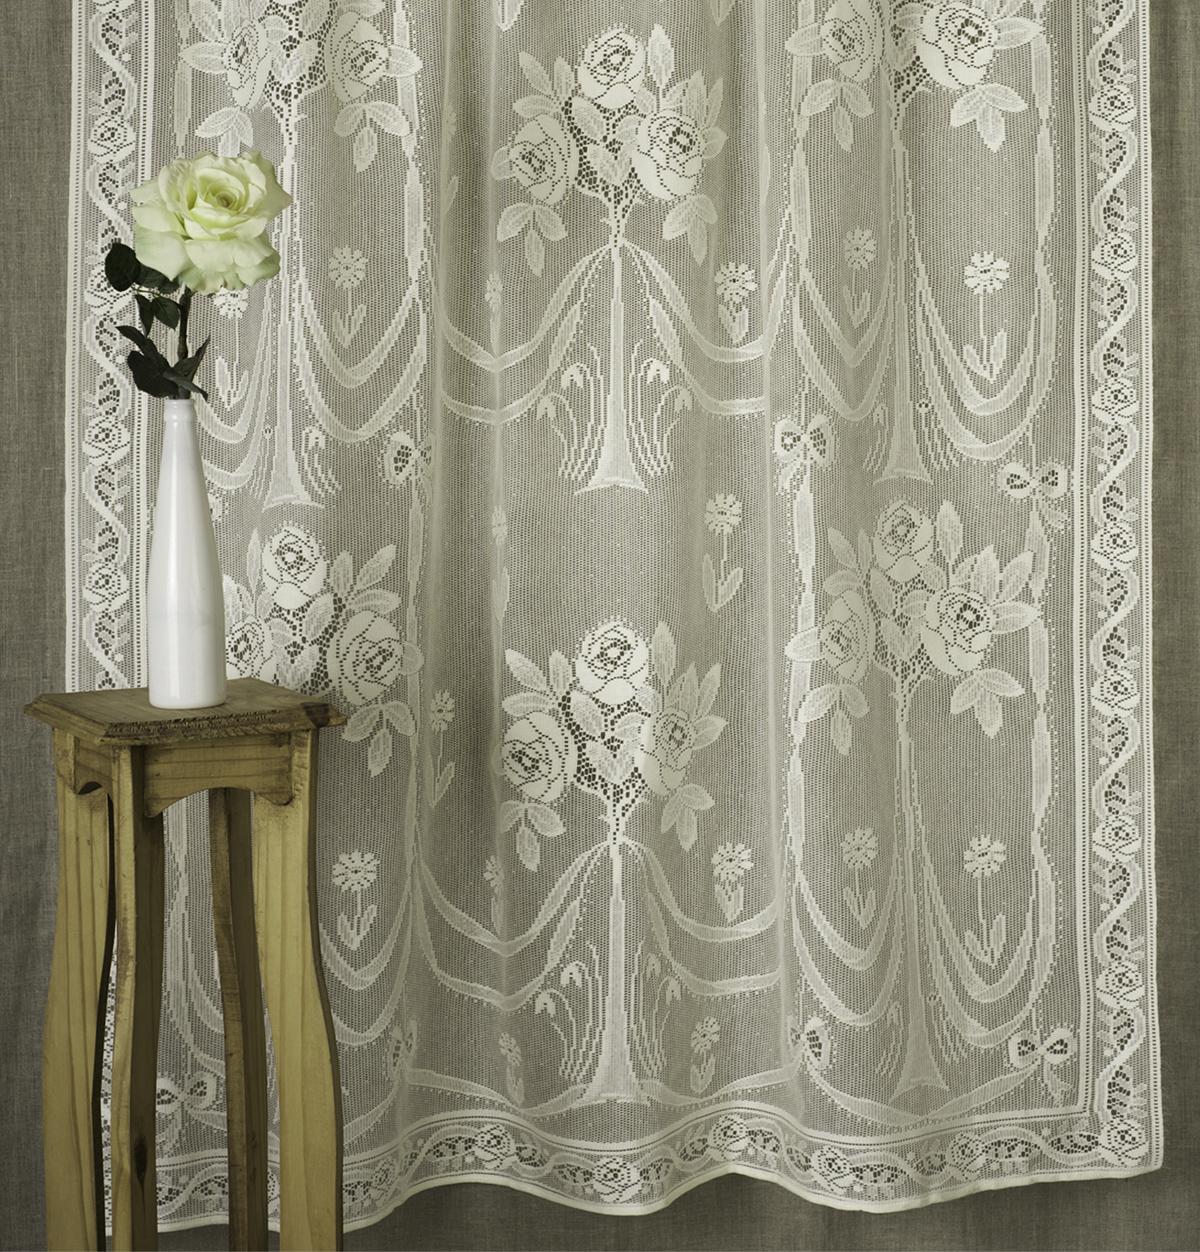 arbor rose nottingham lace curtain